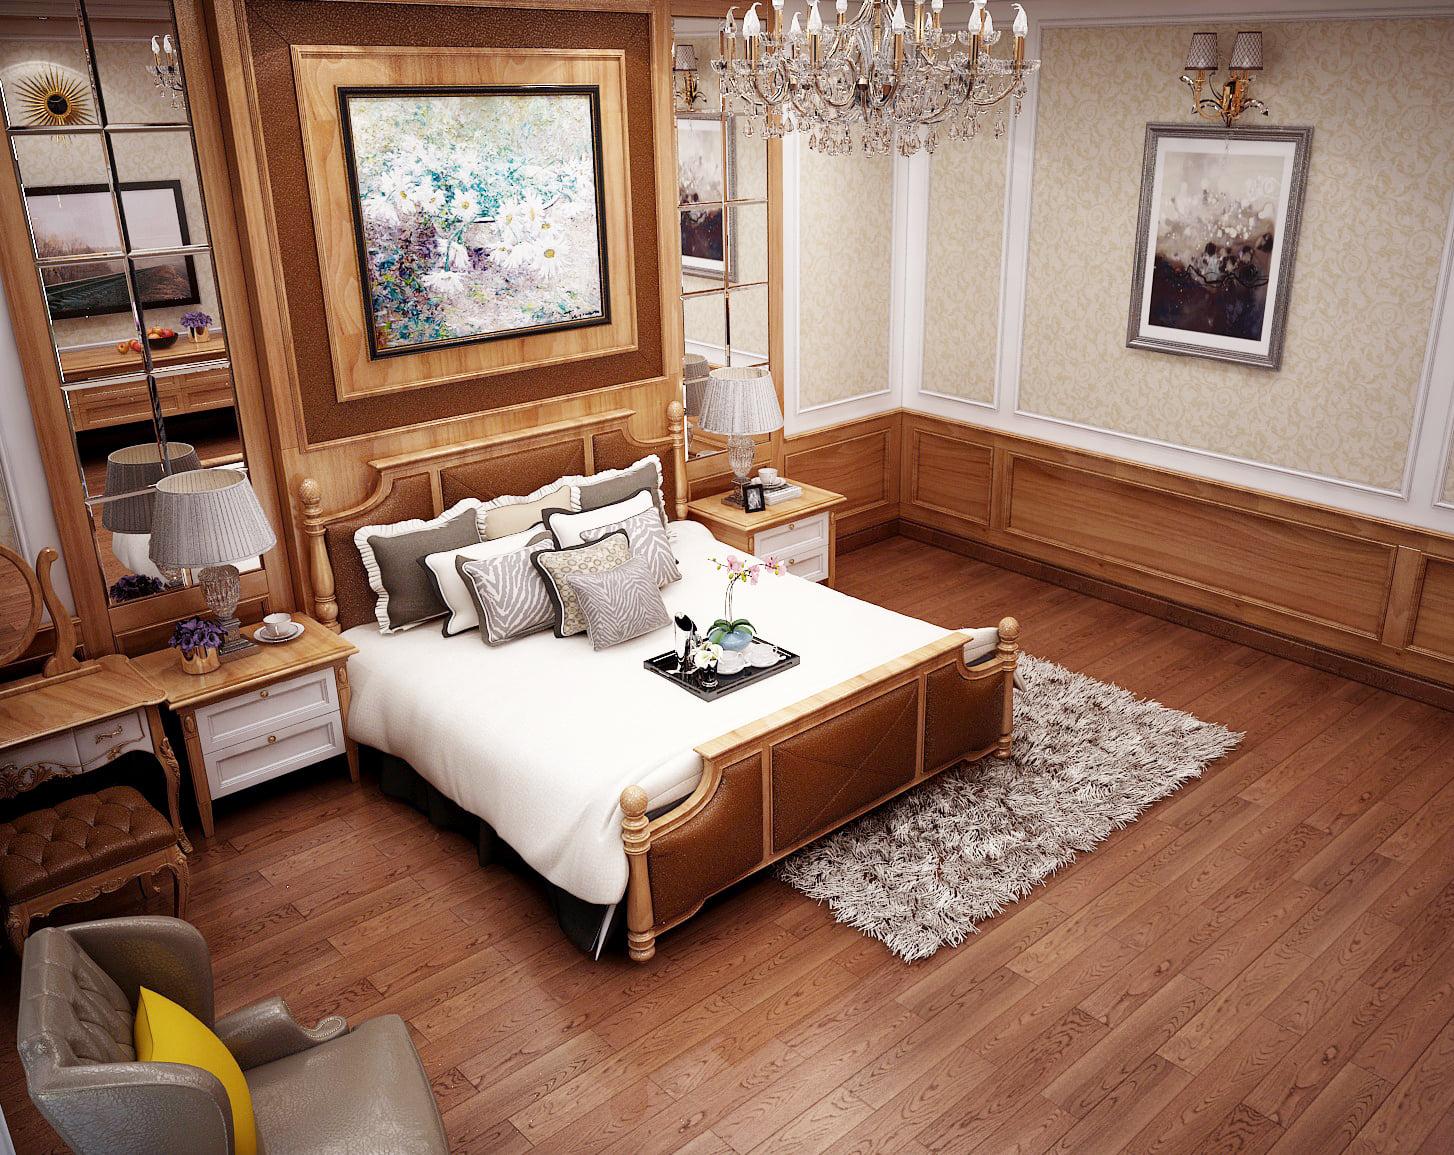 Mẫu thiết kế nội thất phòng ngủ đẹp hiện đại theo xu hướng mới 2021